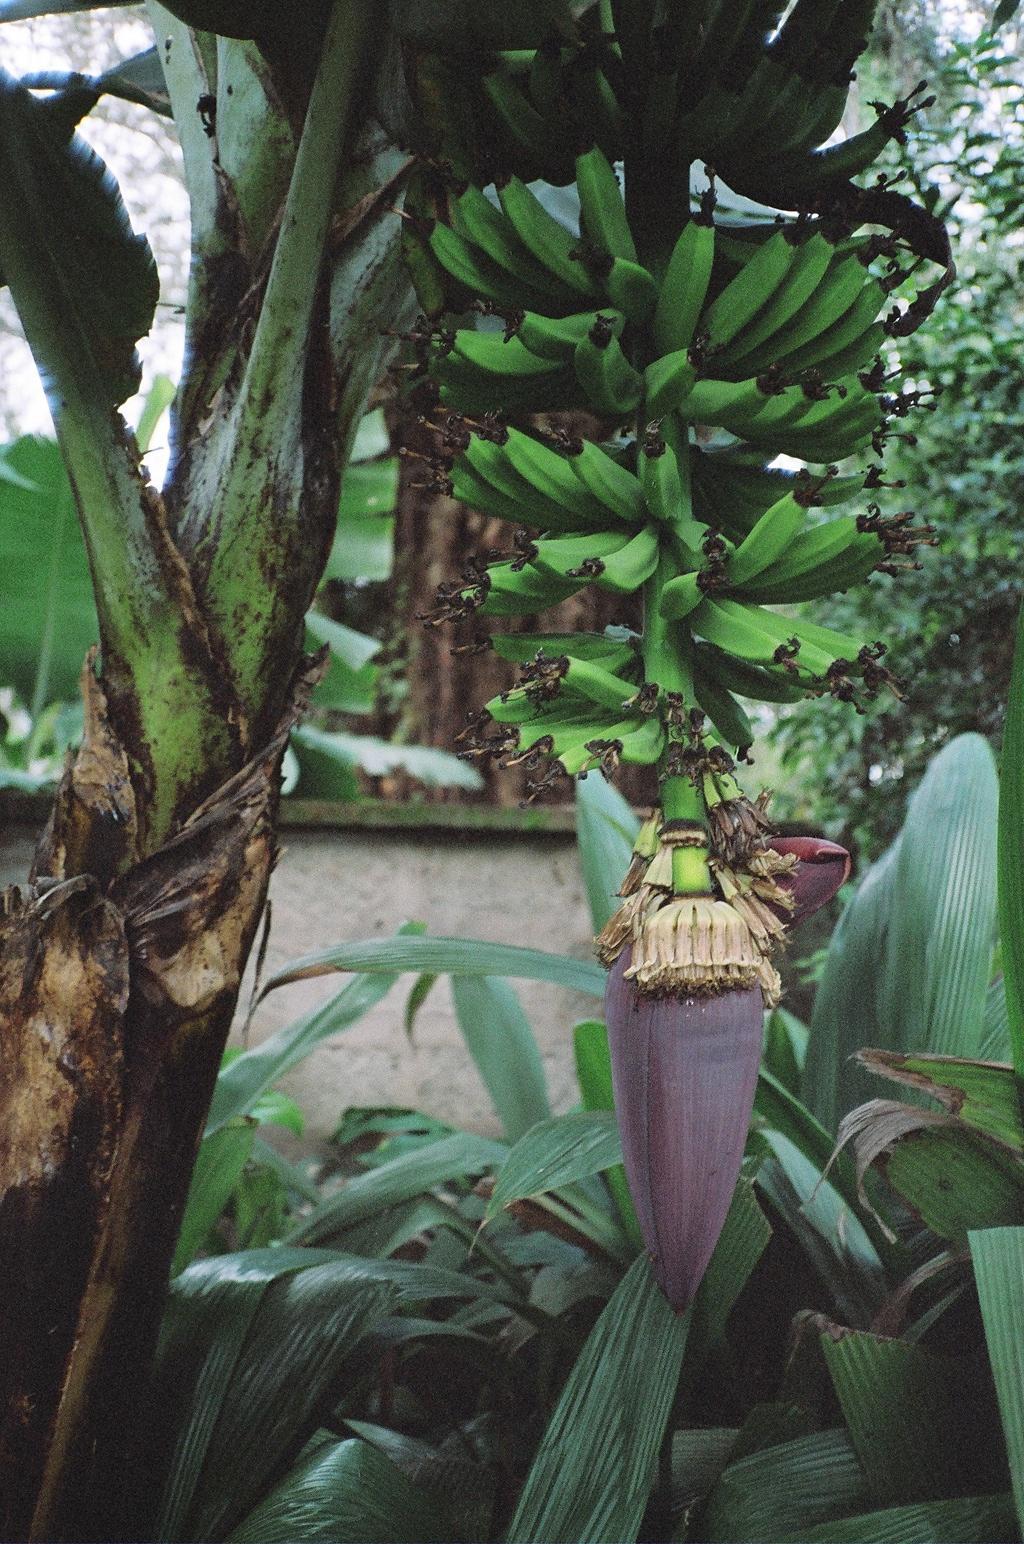 Tanzania Tanzanian Trees And Plants